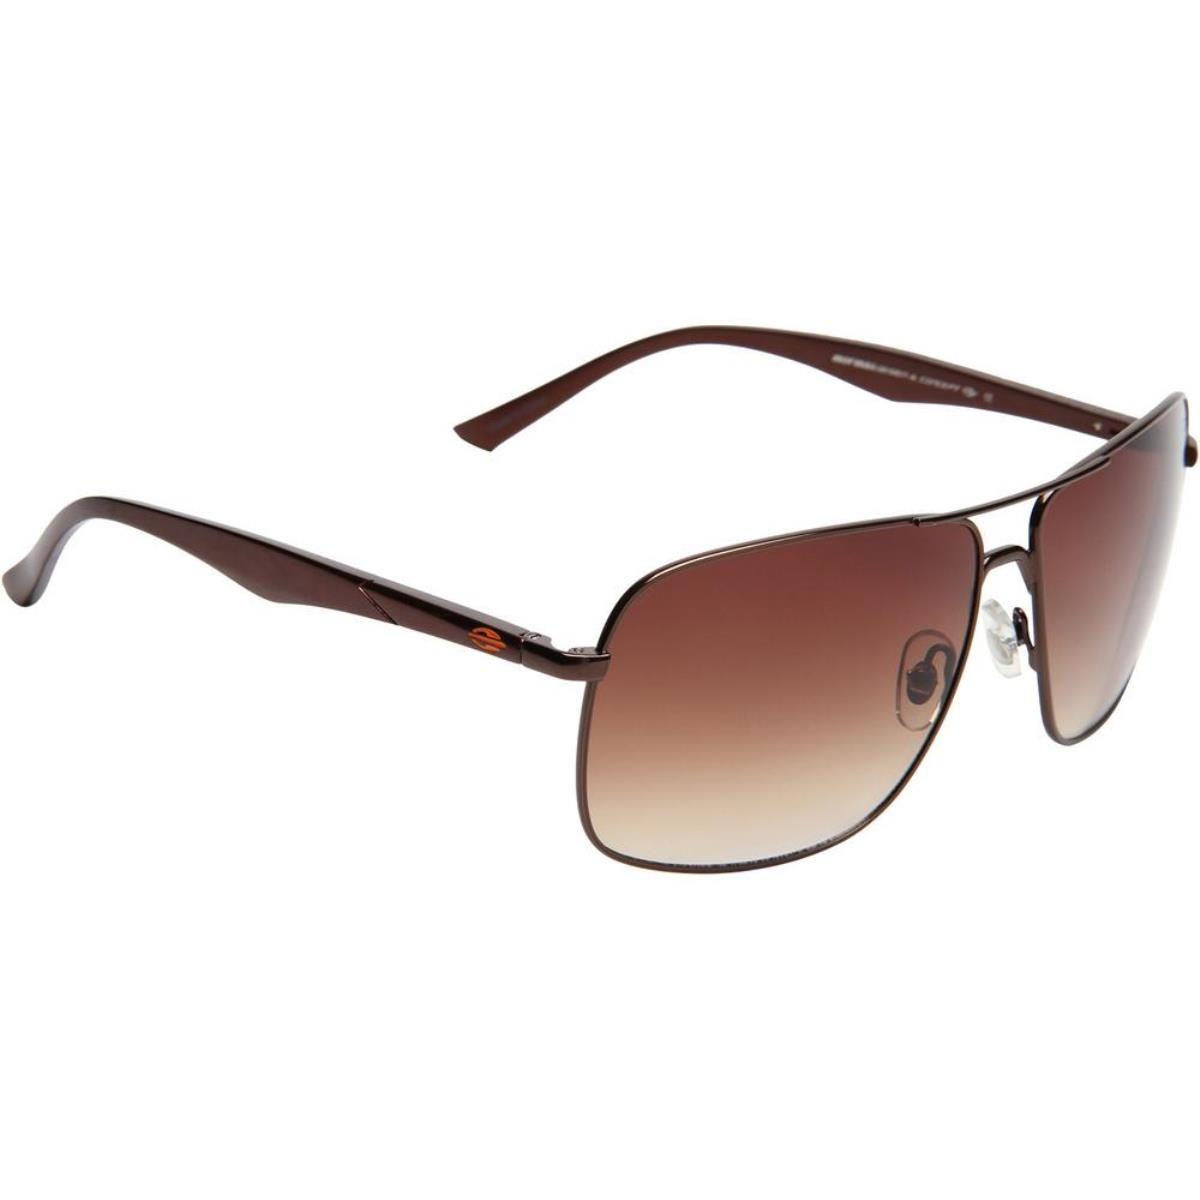 COMPRE AQUI  Óculos de Sol Mormaii Masculino Quadrado - Marrom   Marrom -  Tamanho Único 93d64bb040